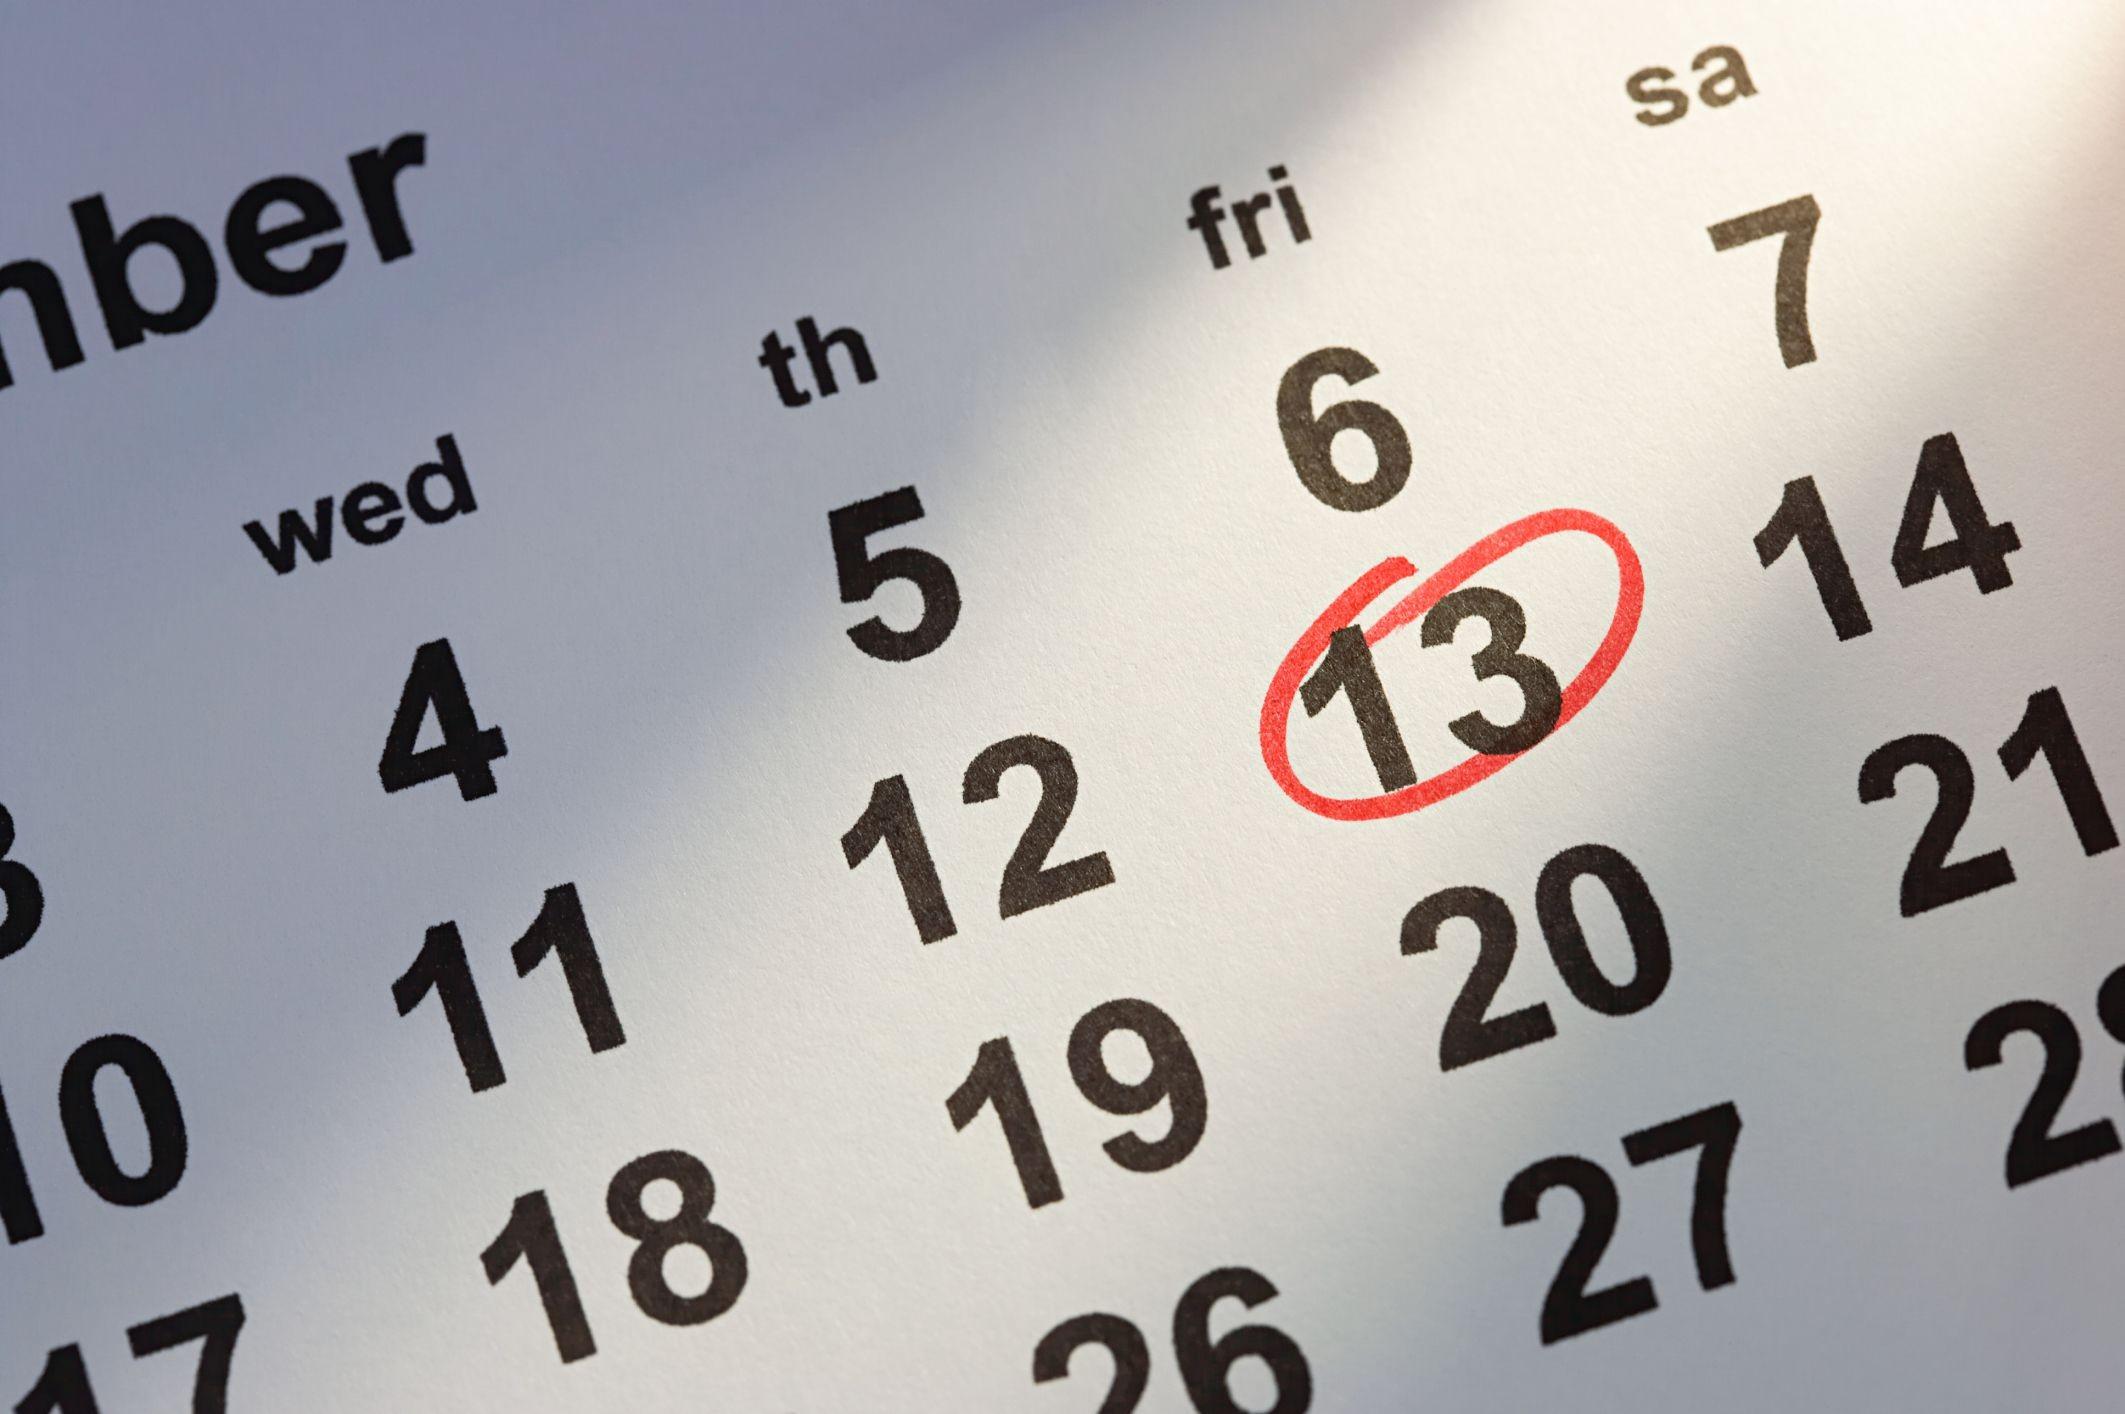 Calendario Anual Por Semanas 2019 Más Recientes Qué Es El A±o Fiscal En Estados Unidos Of Calendario Anual Por Semanas 2019 Más Reciente Calendario 2 Febrero ☼ Ge Pinterest